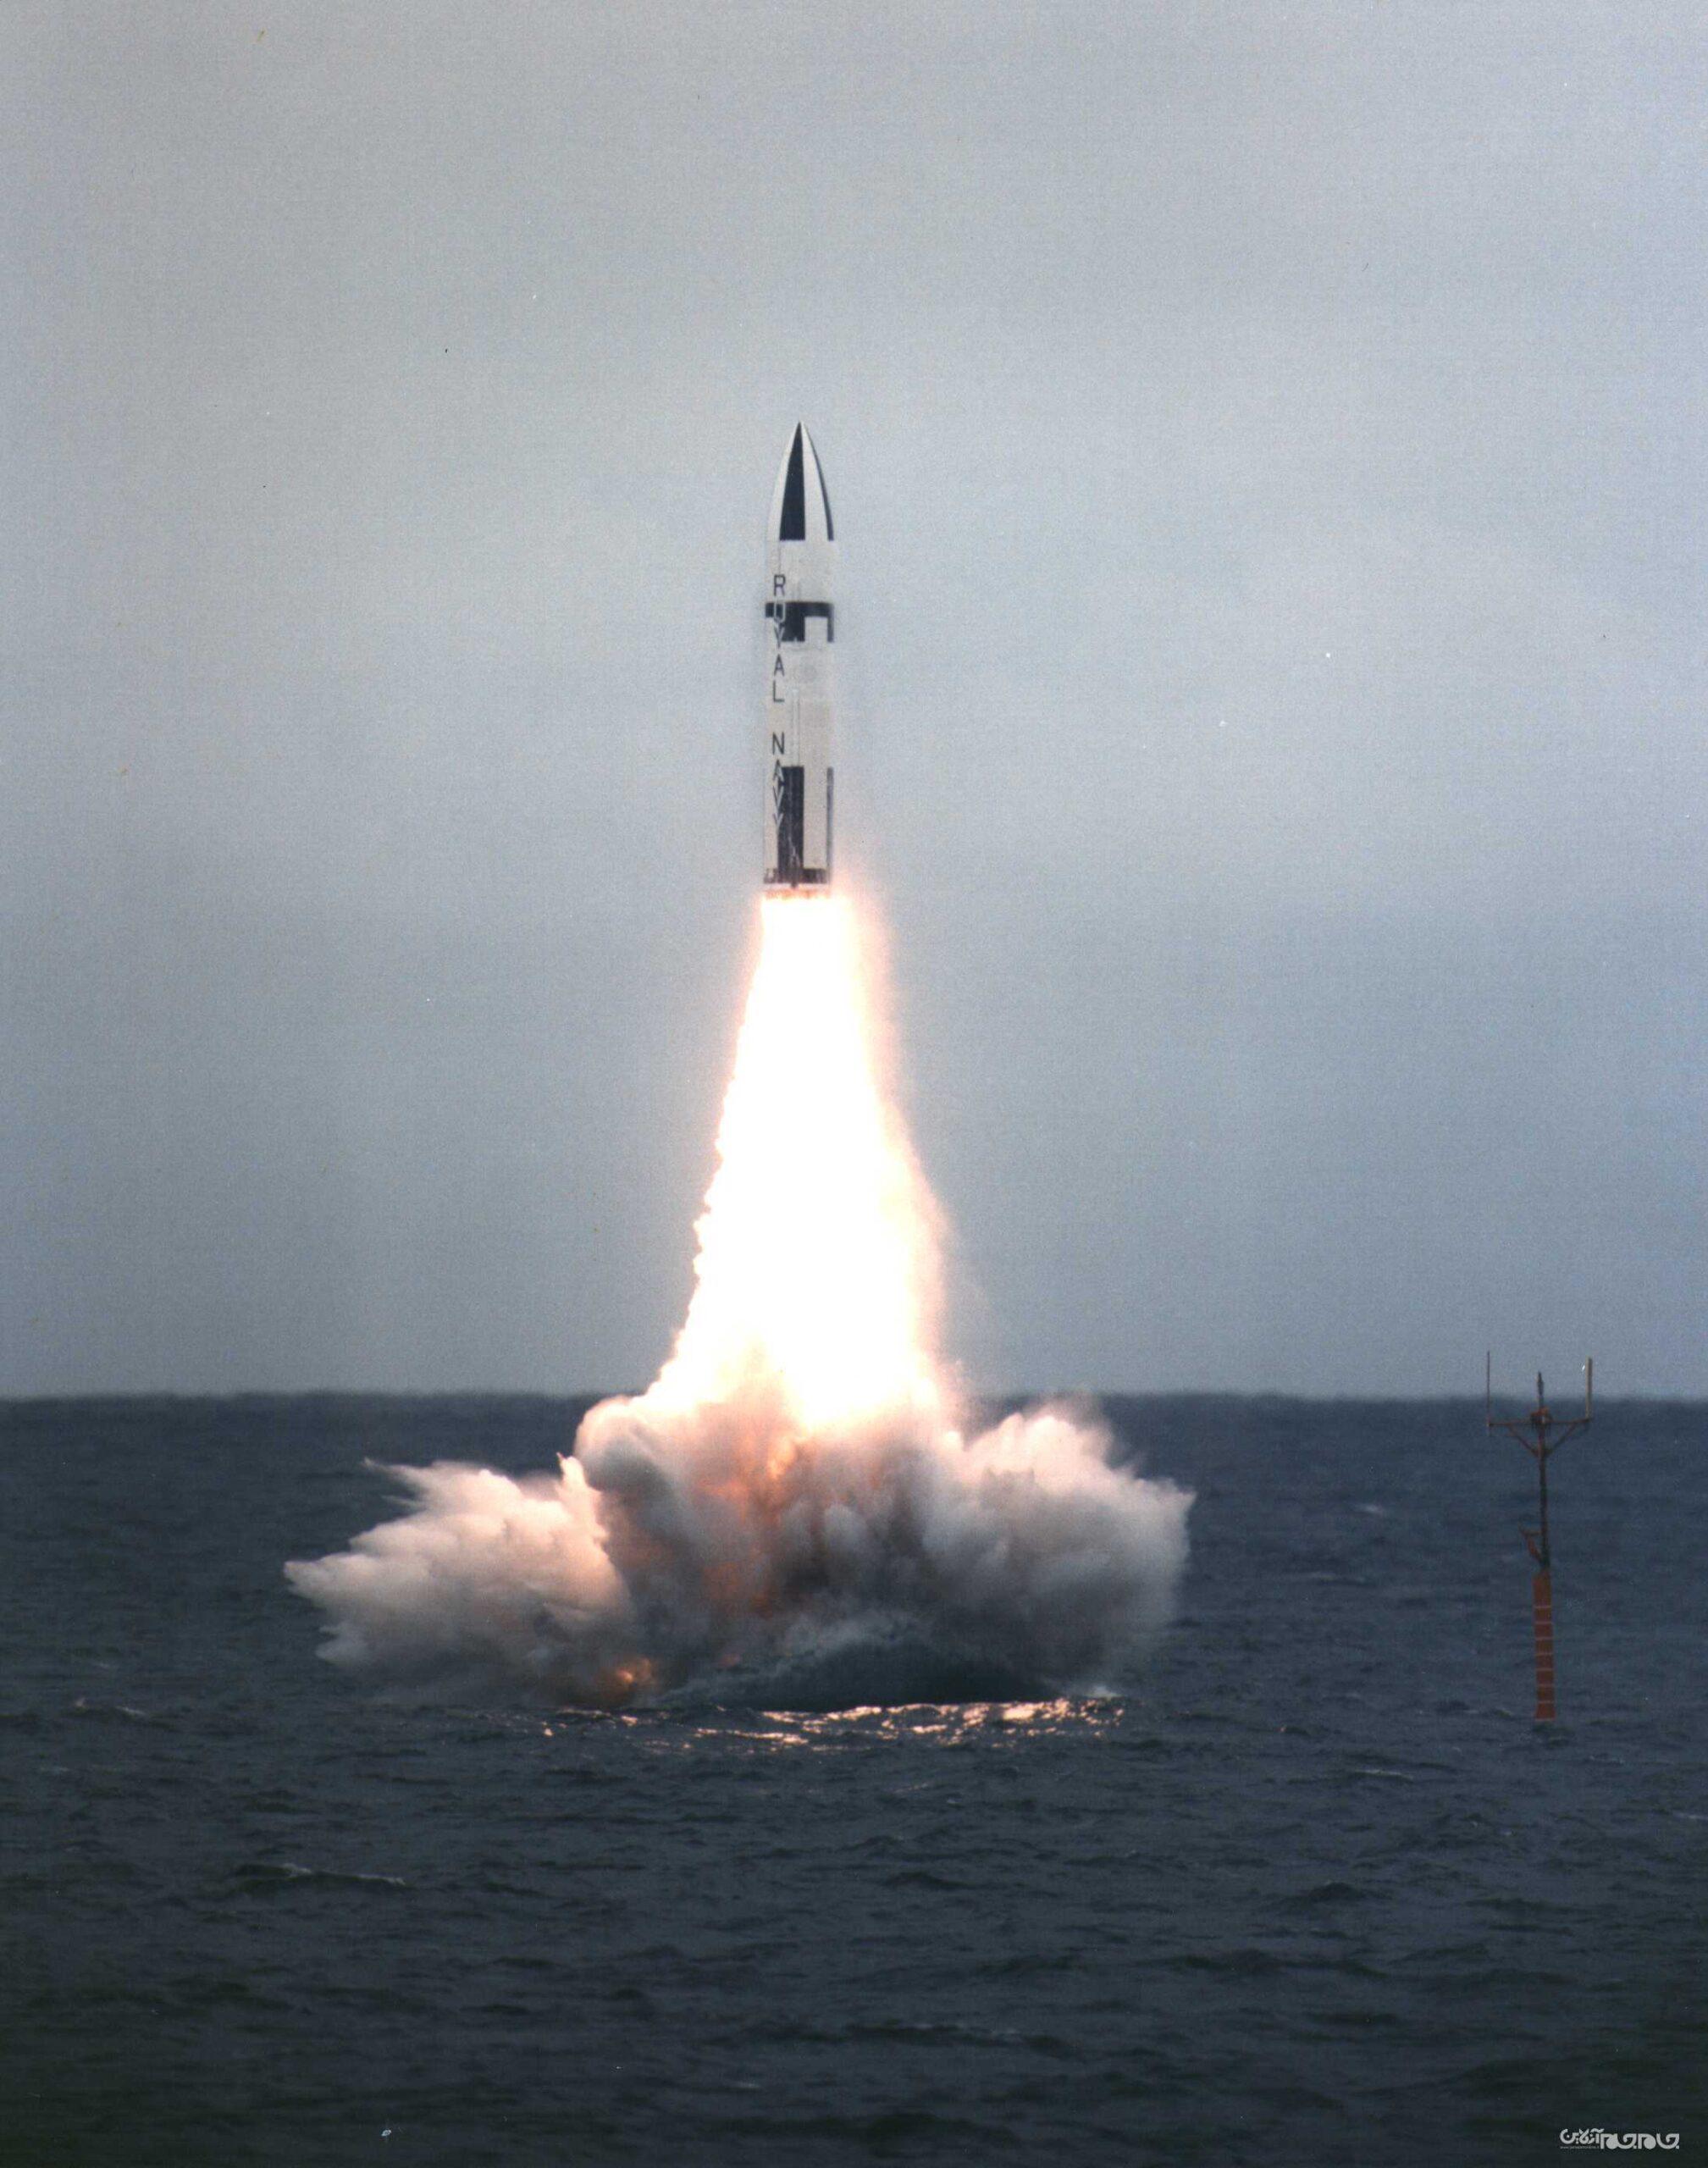 موشک پلاریس؛ اولین موشک زیردریایی پرتاب اتمی جهان+عکس